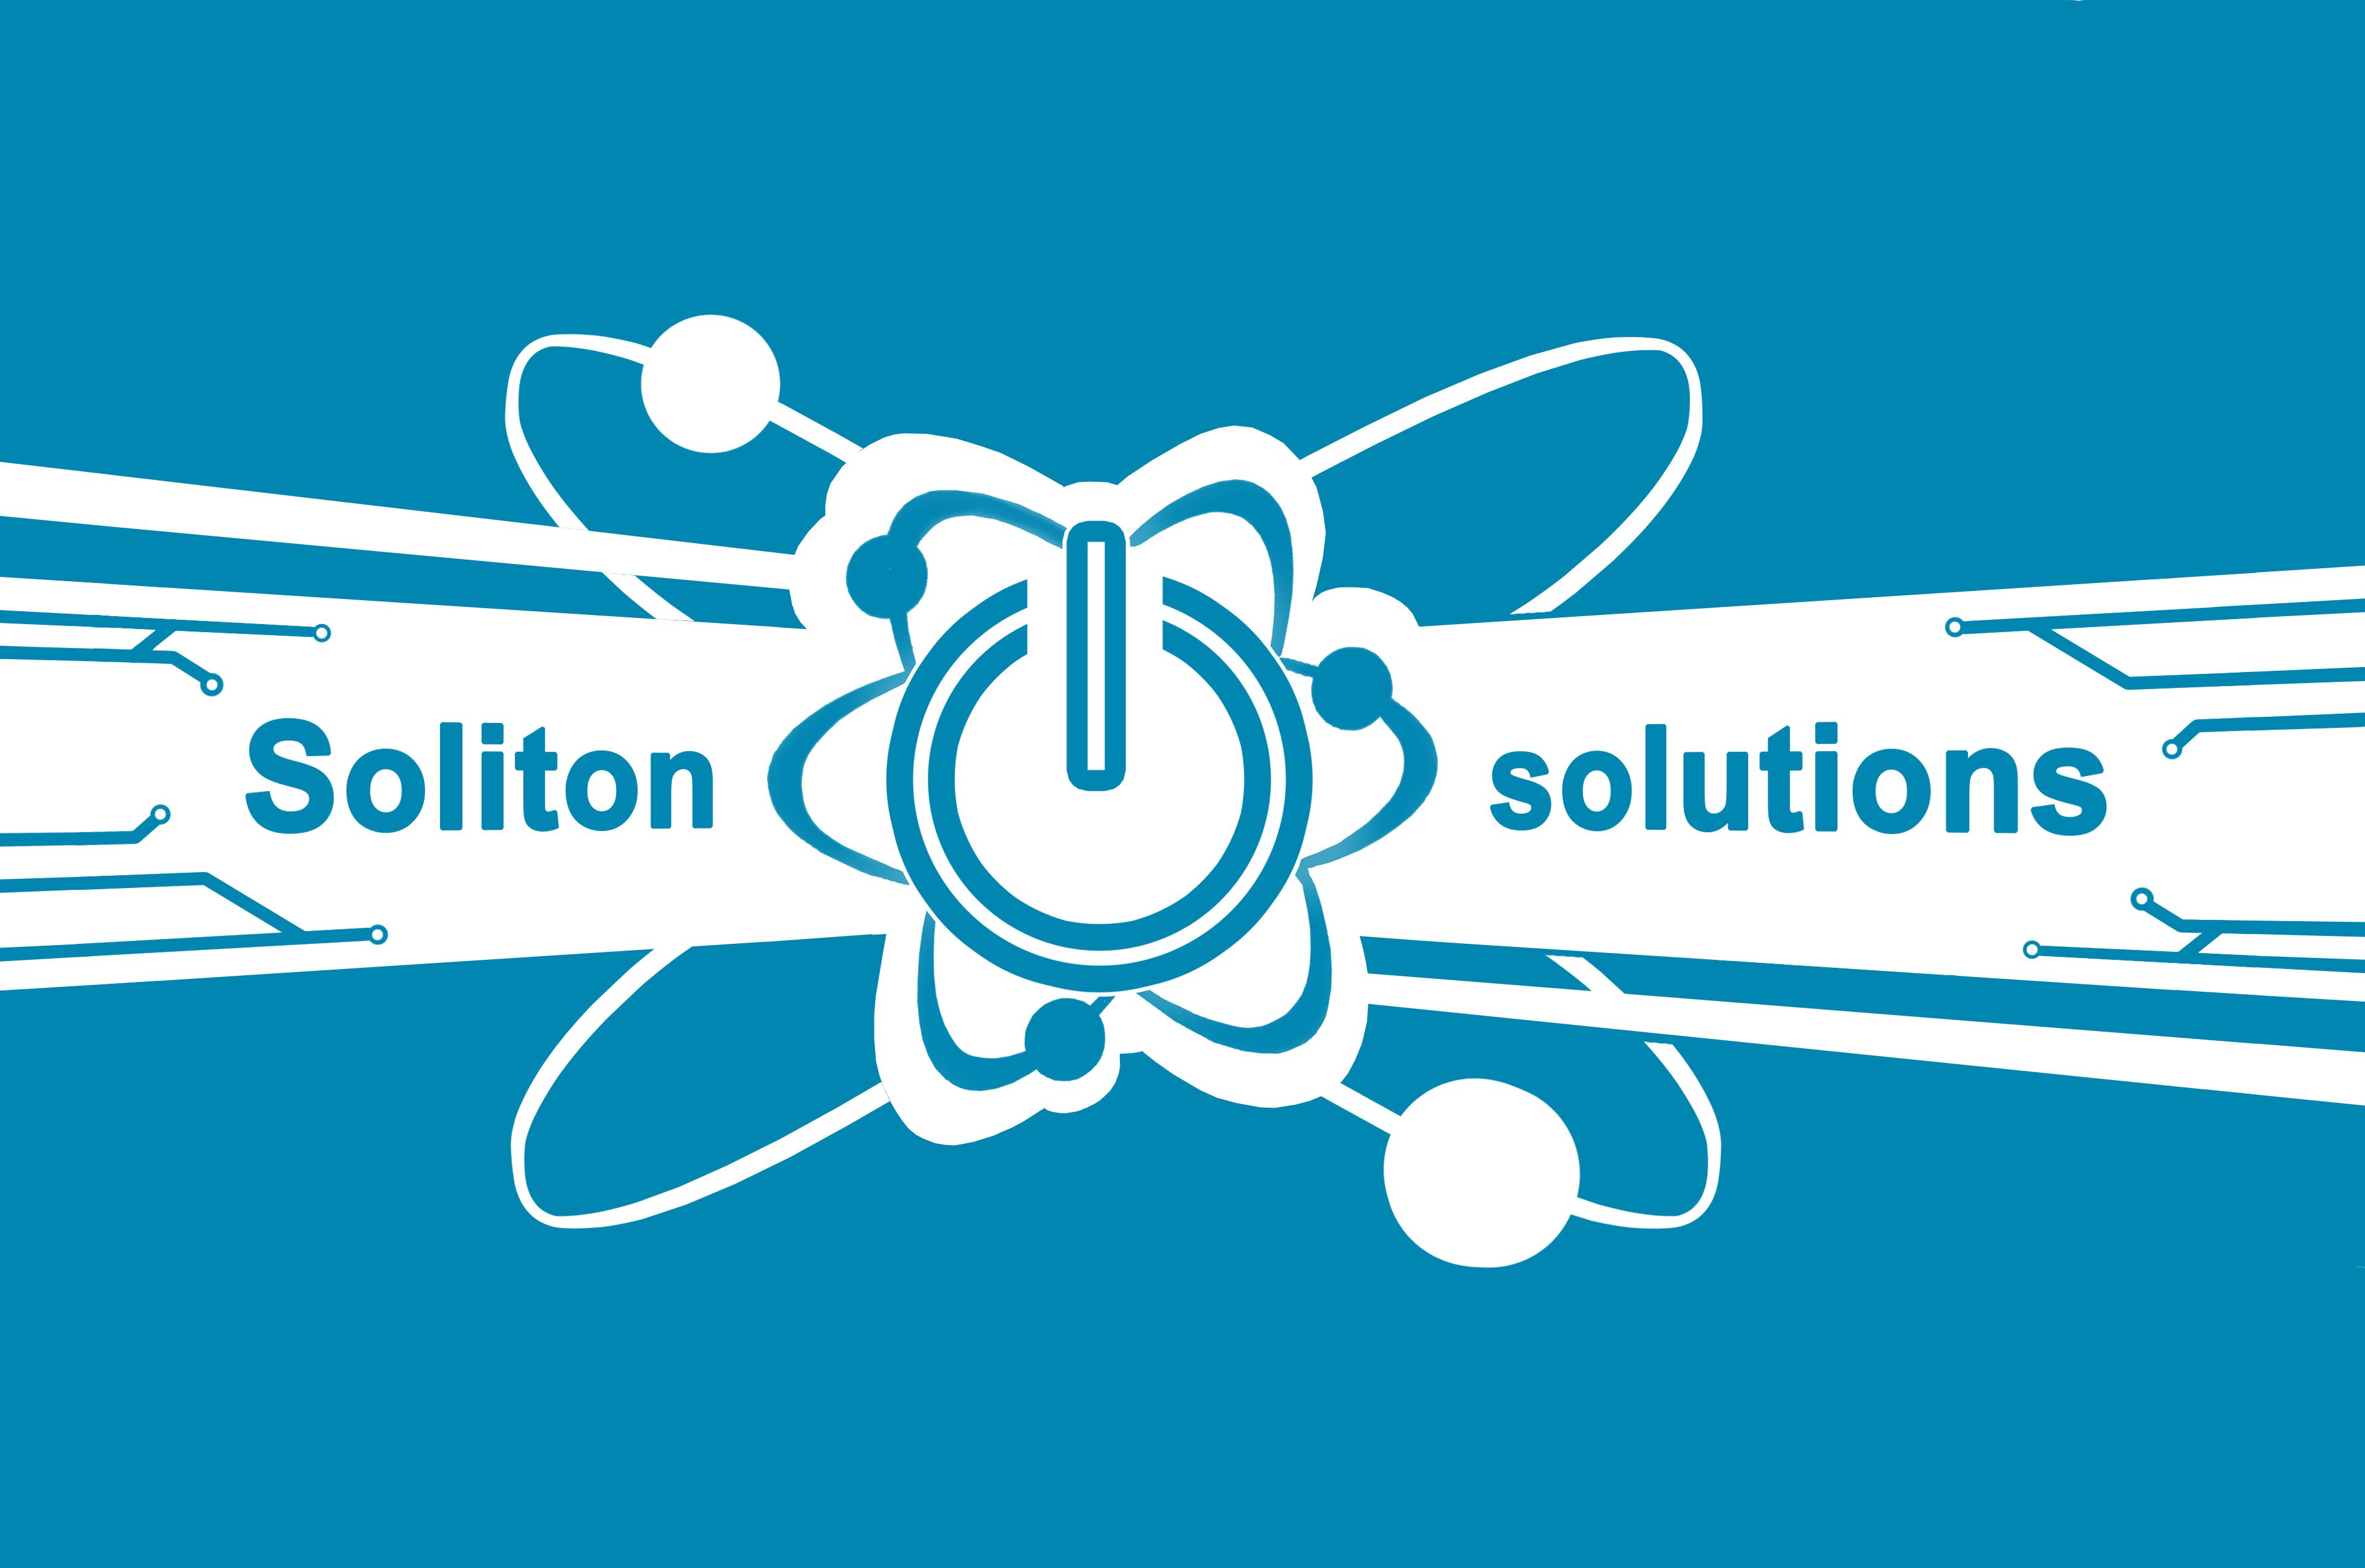 Soliton Solutions PR